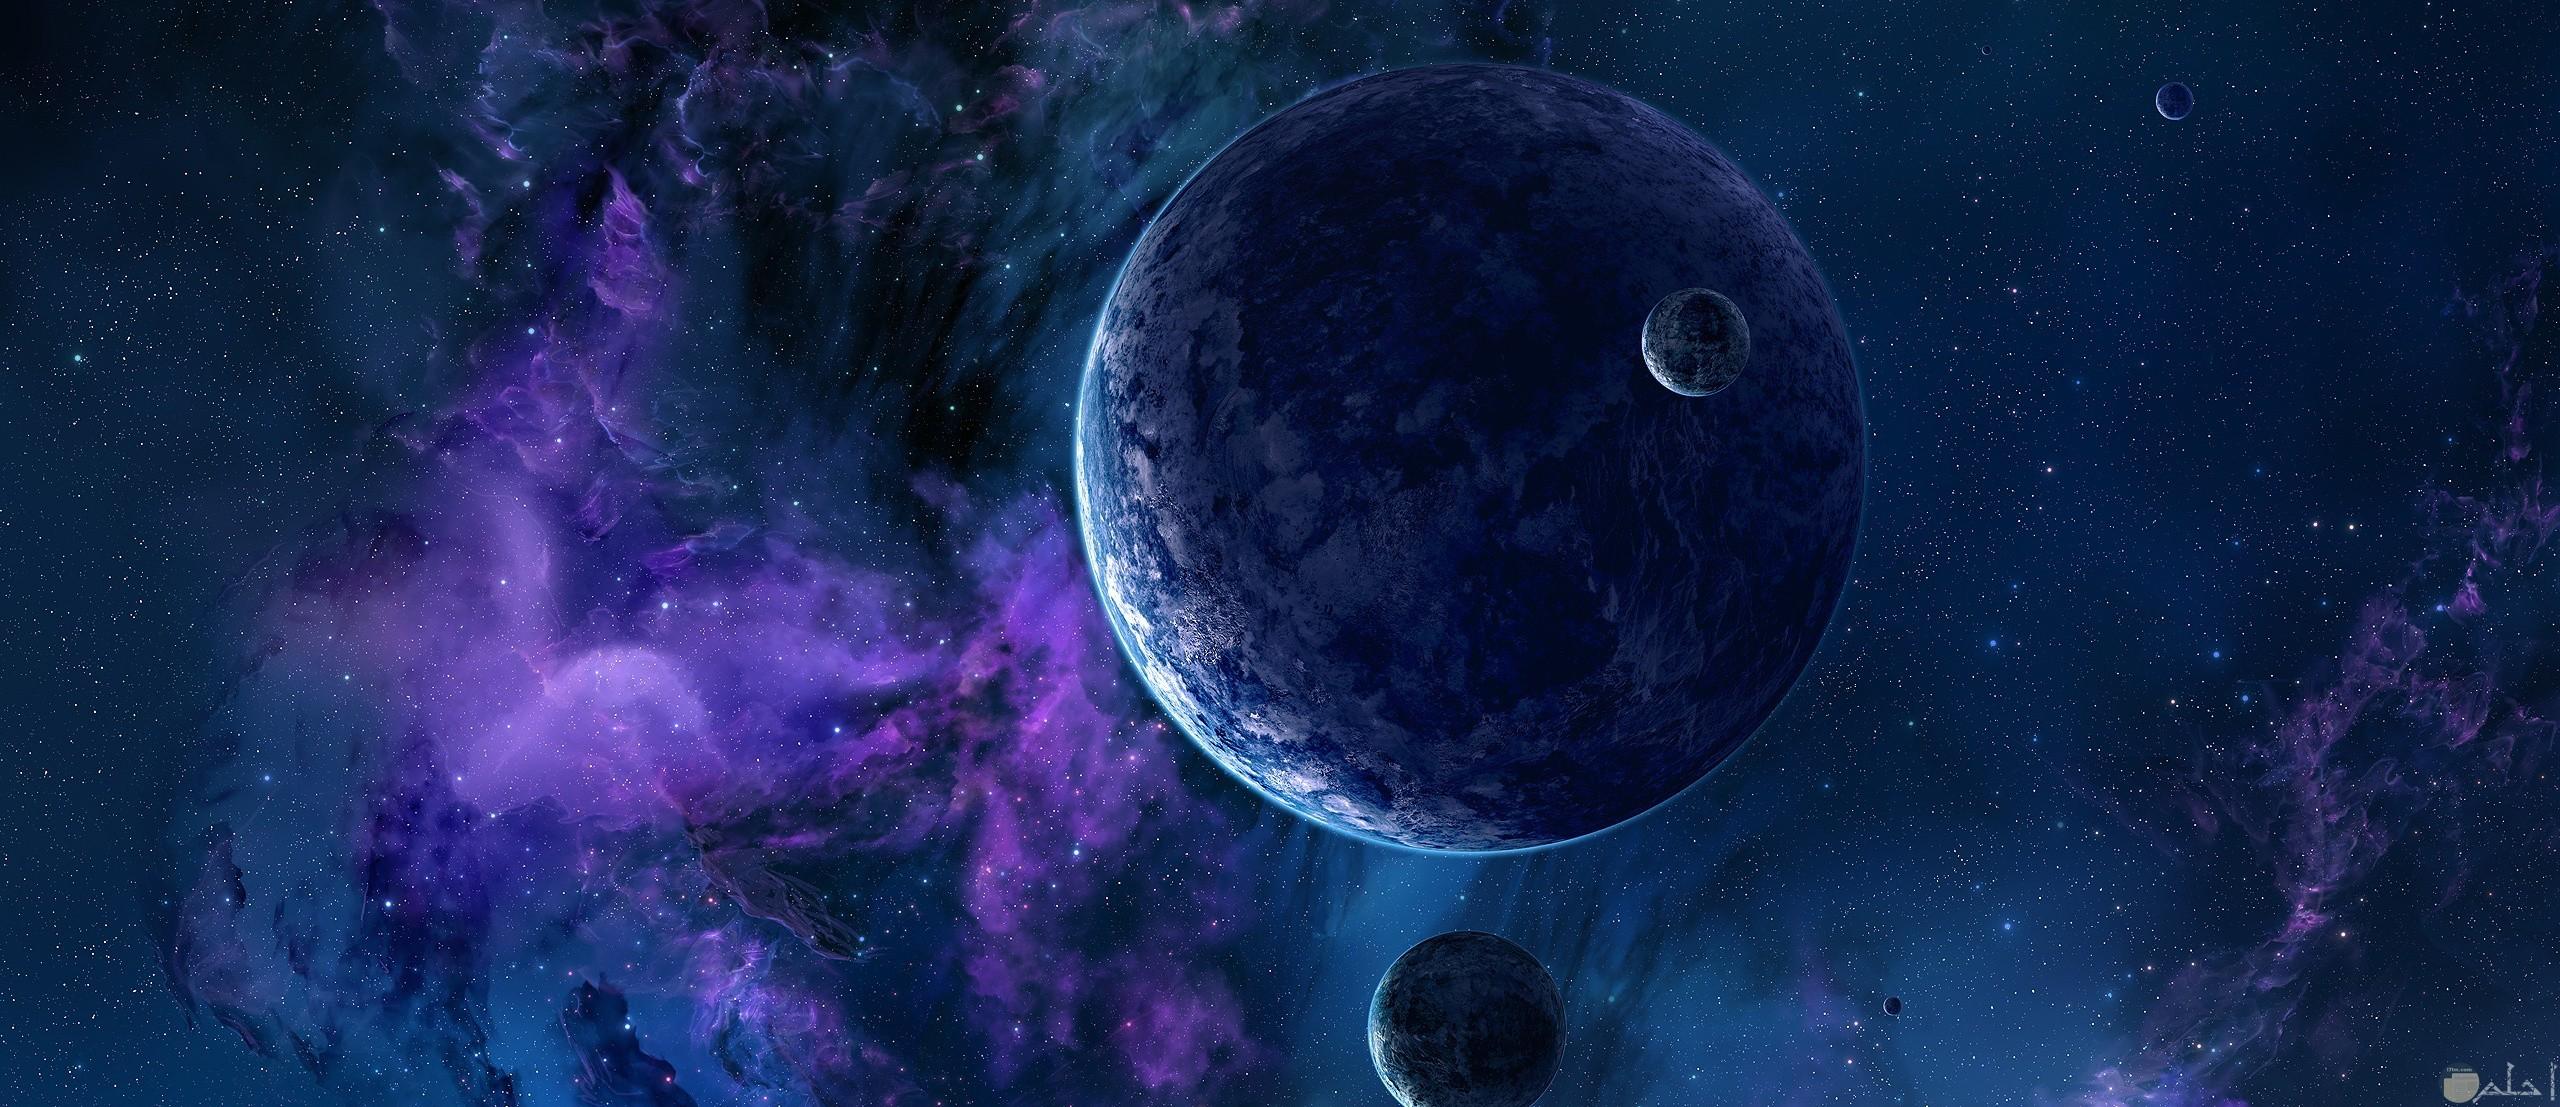 صورة لكوكب في قلب الفضاء